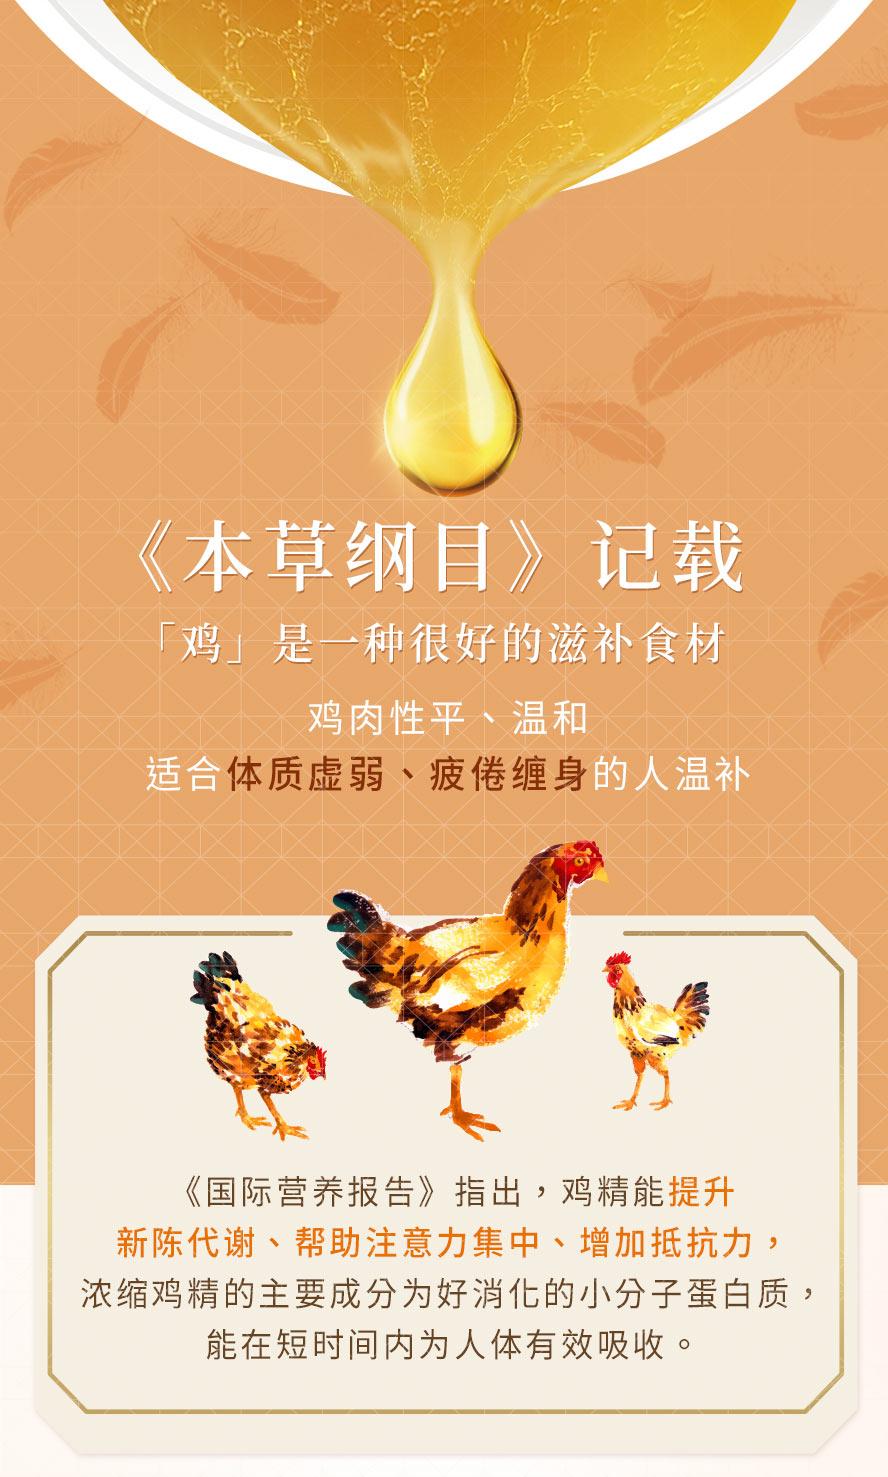 国际营养报告研究指出,鸡精能提升新陈代谢;而浓缩鸡精的主要成分就是好消化的小分子蛋白质,饮用后能在短时间内为人体有效吸收.